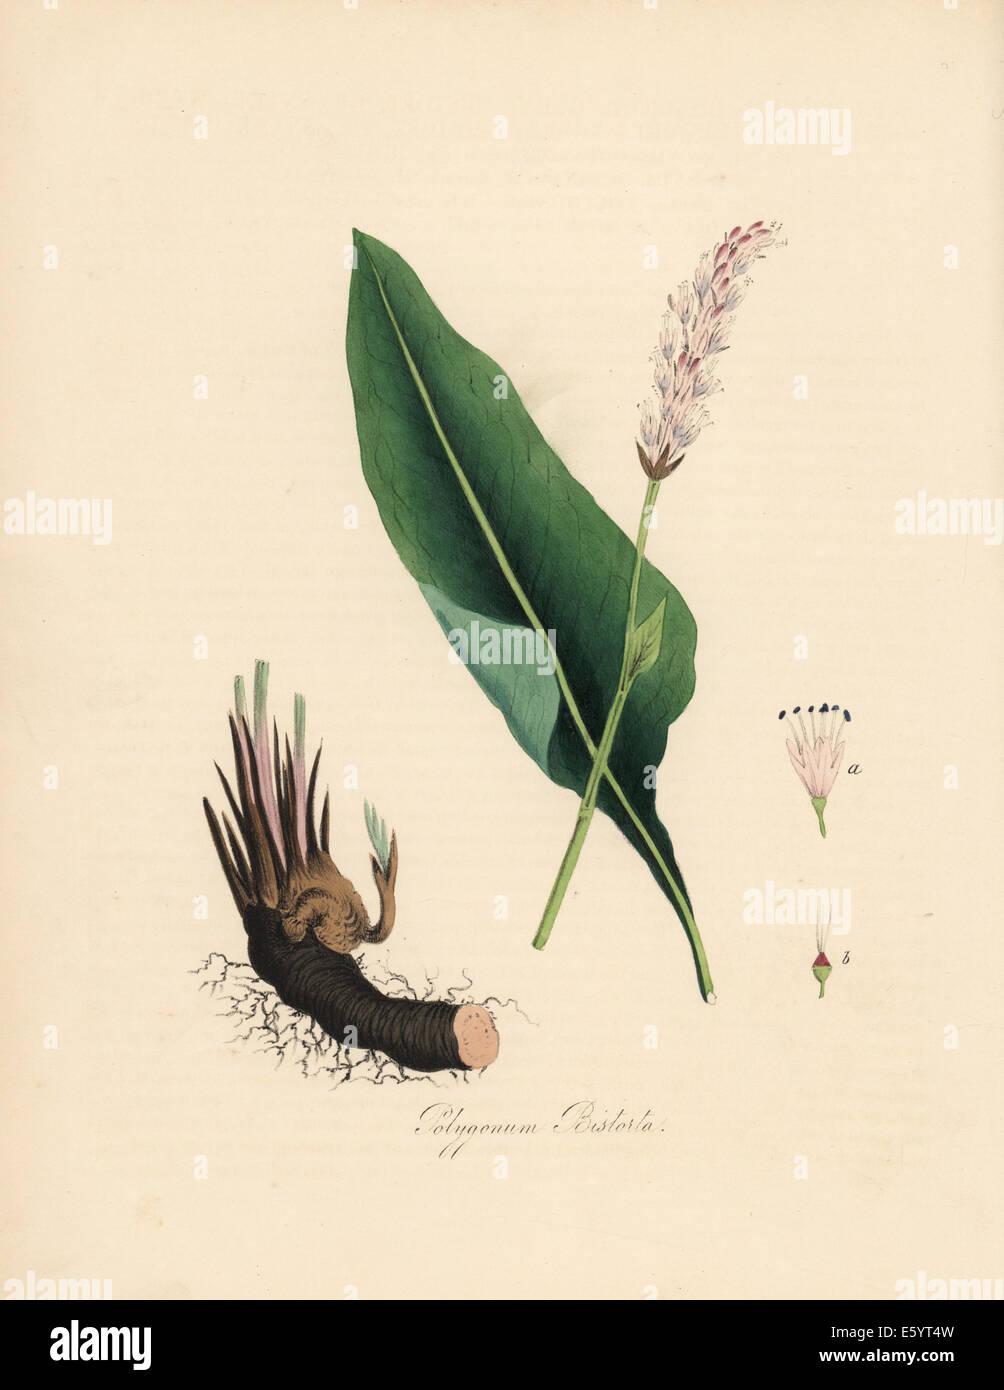 Gran o snakeweed bistort Polygonum bistorta,, flores, hojas y raíz ...